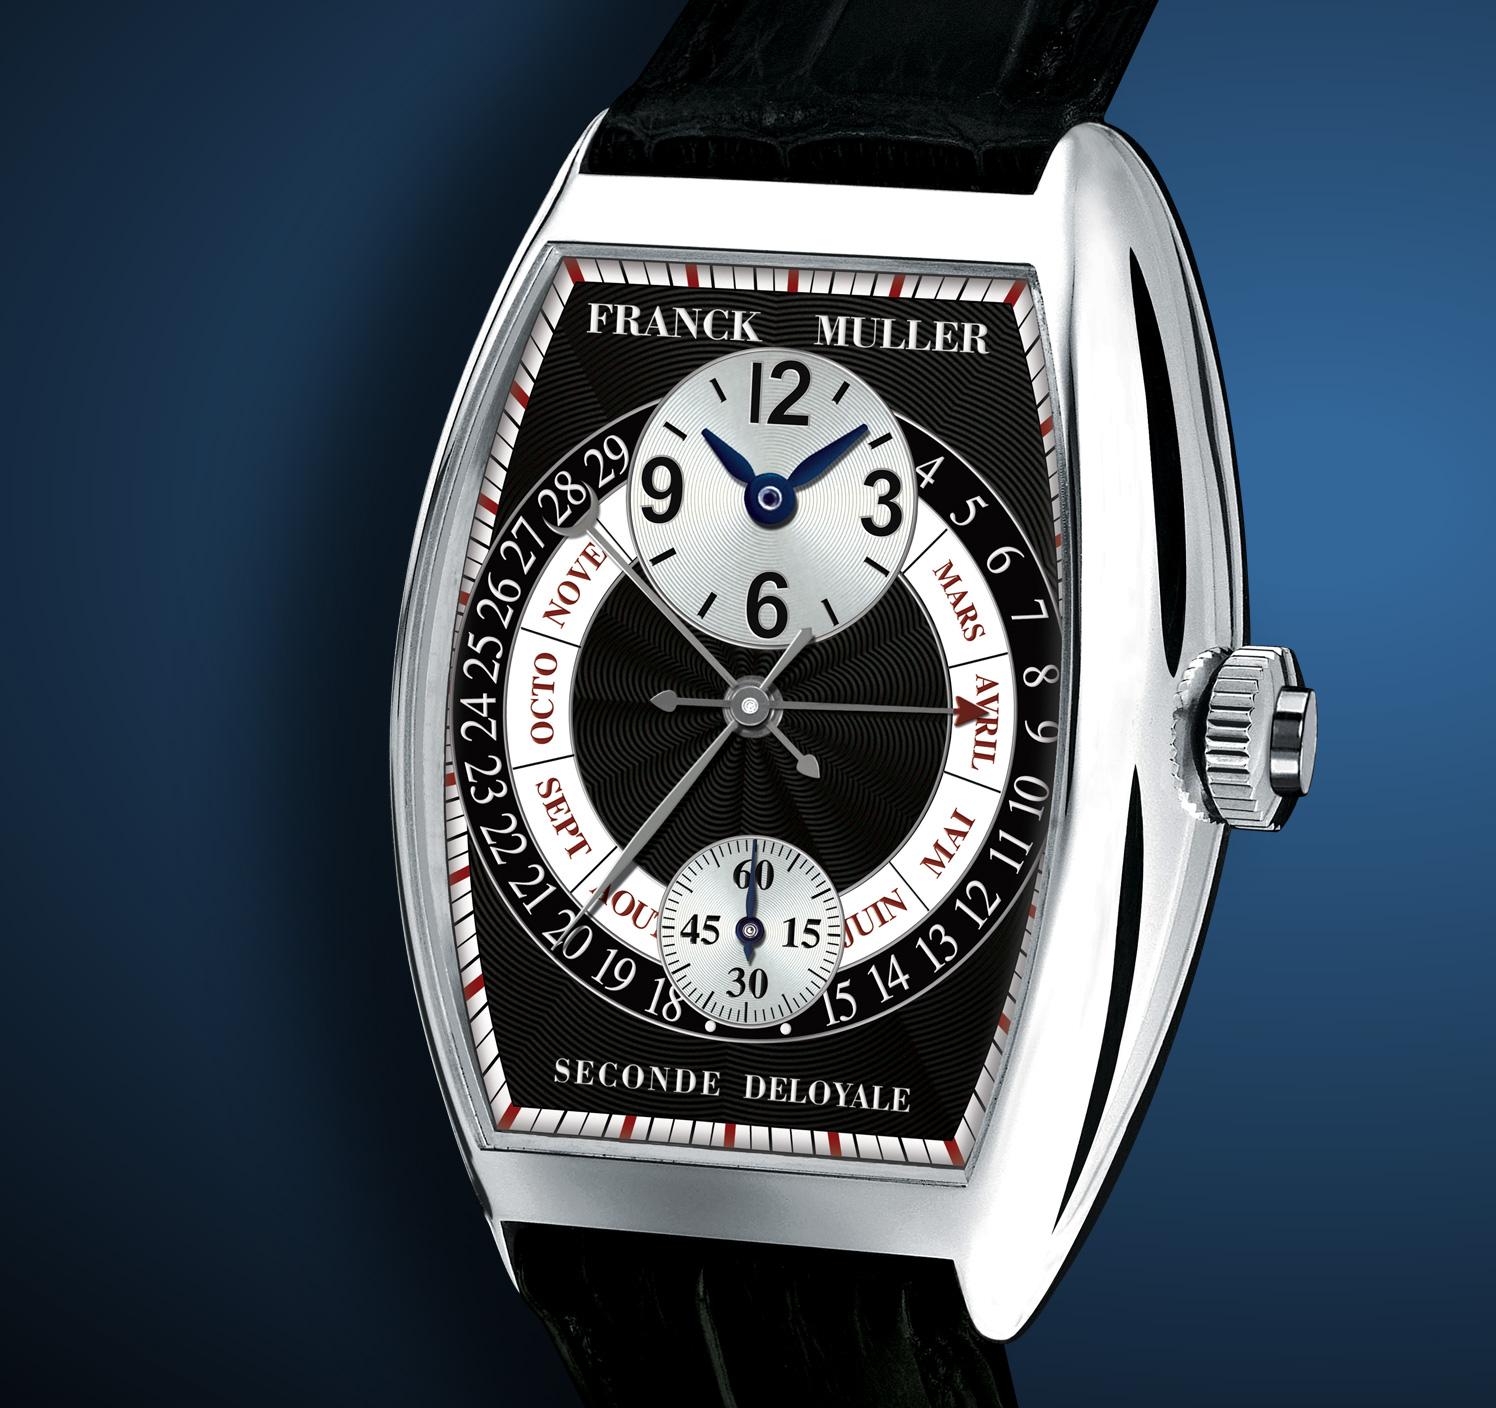 часы Franck Muller Seconde Déloyale